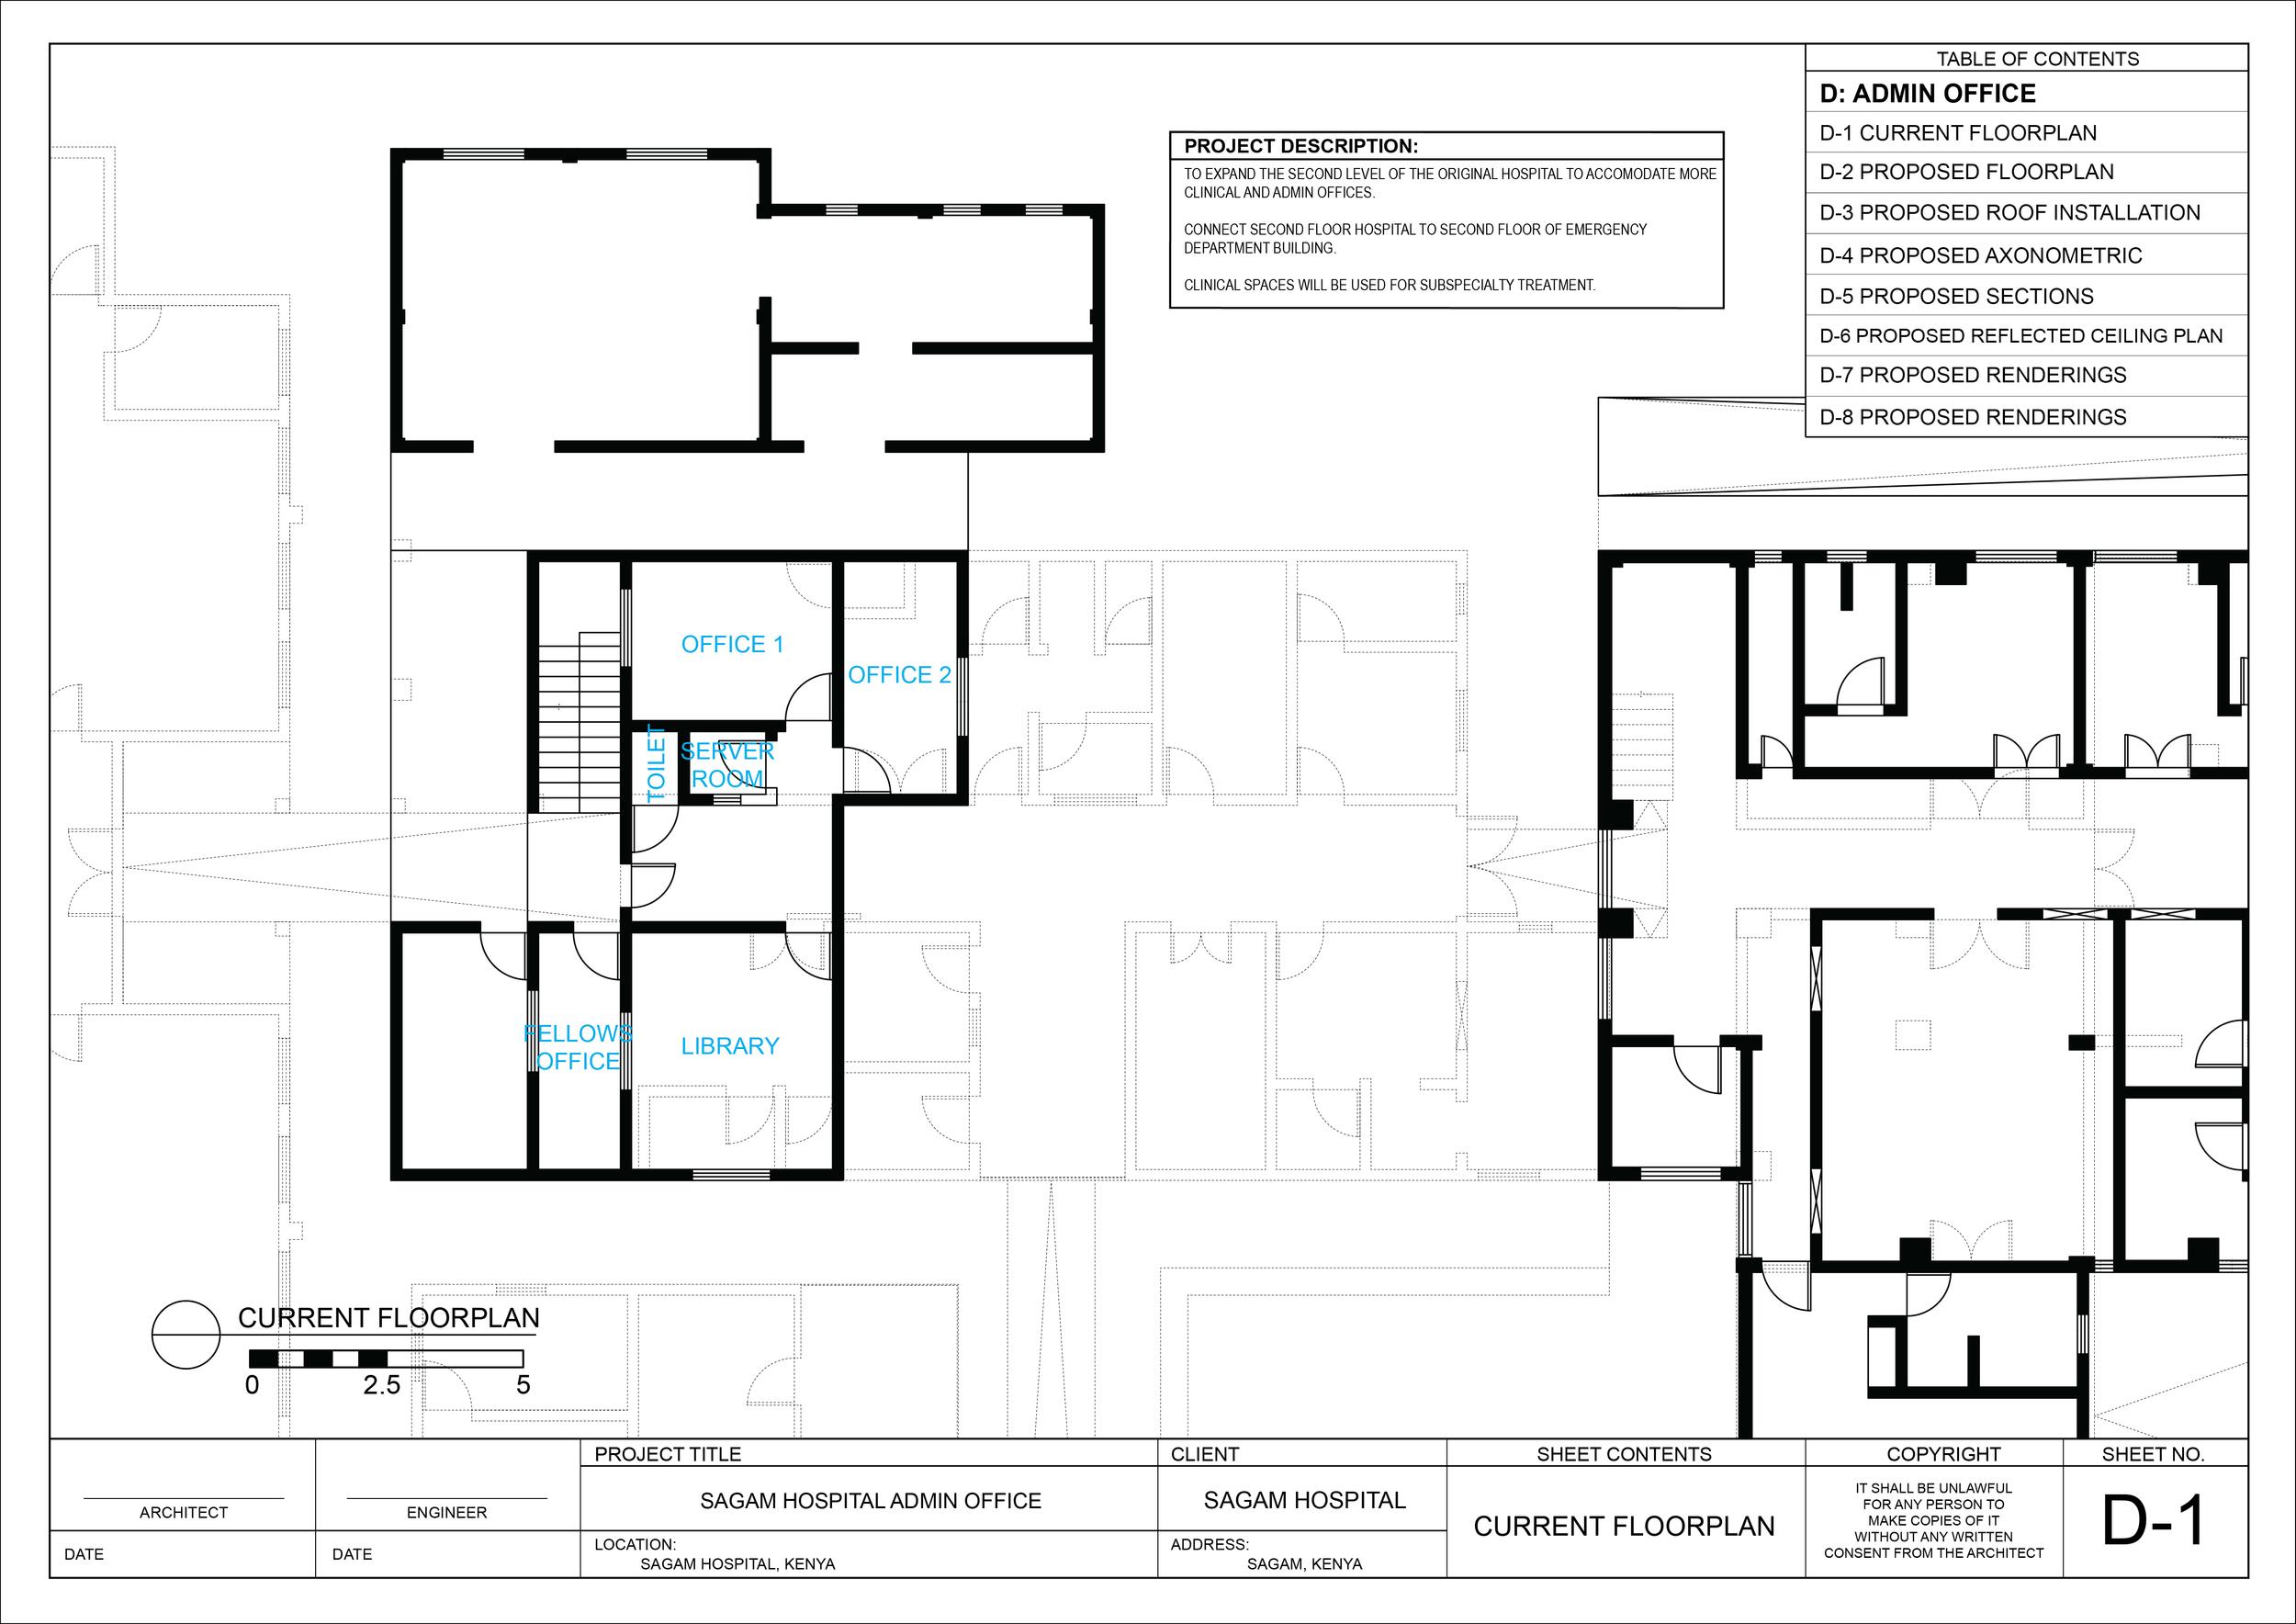 150810_WorkingDrawings_D-AdminOffice-01.jpg